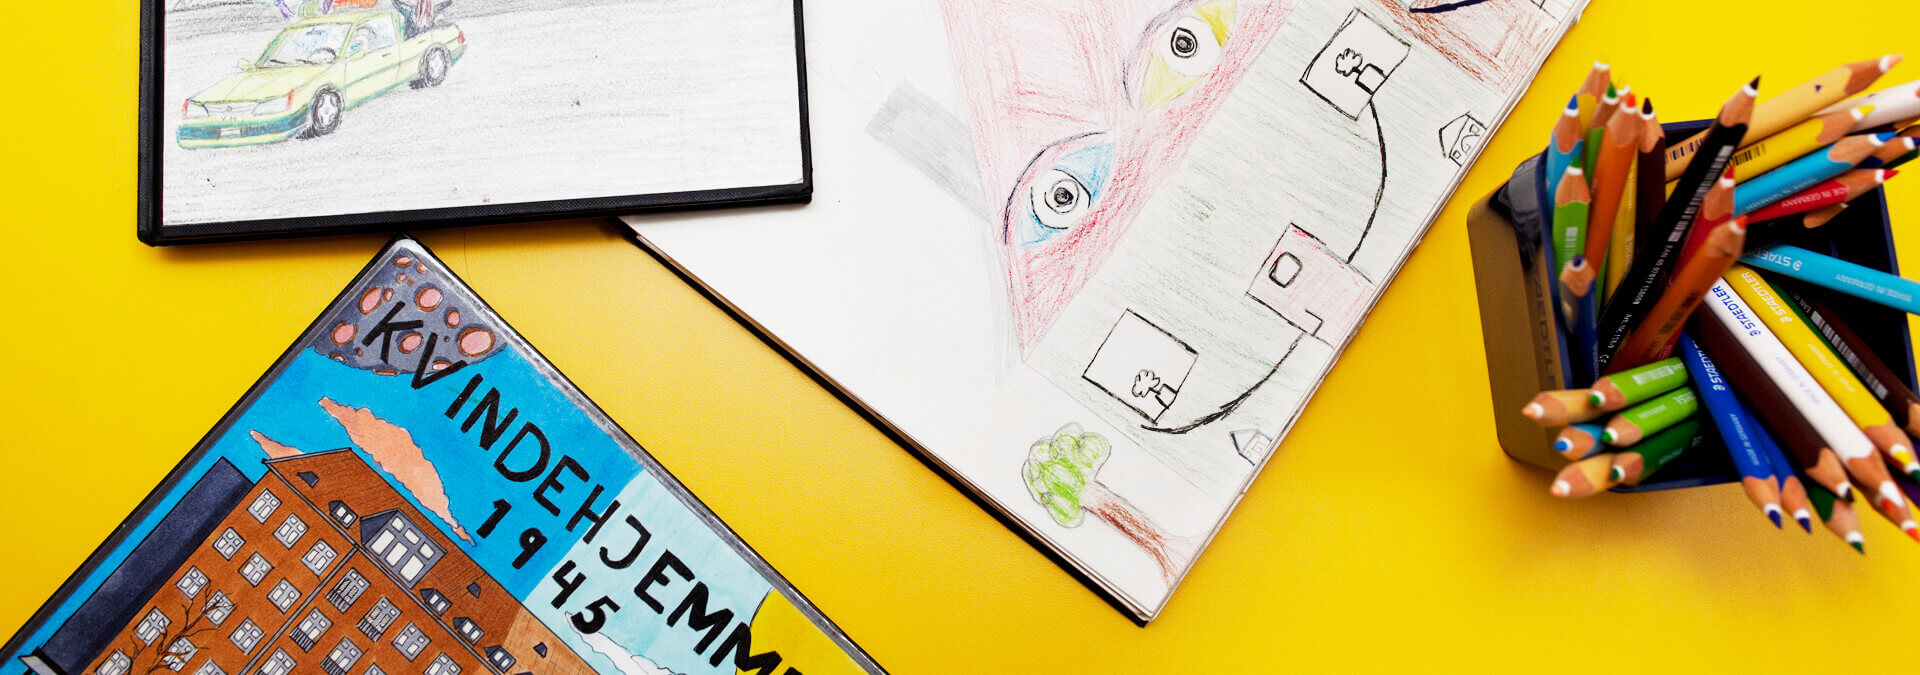 Bøger med tegninger på gult bord med blyanter